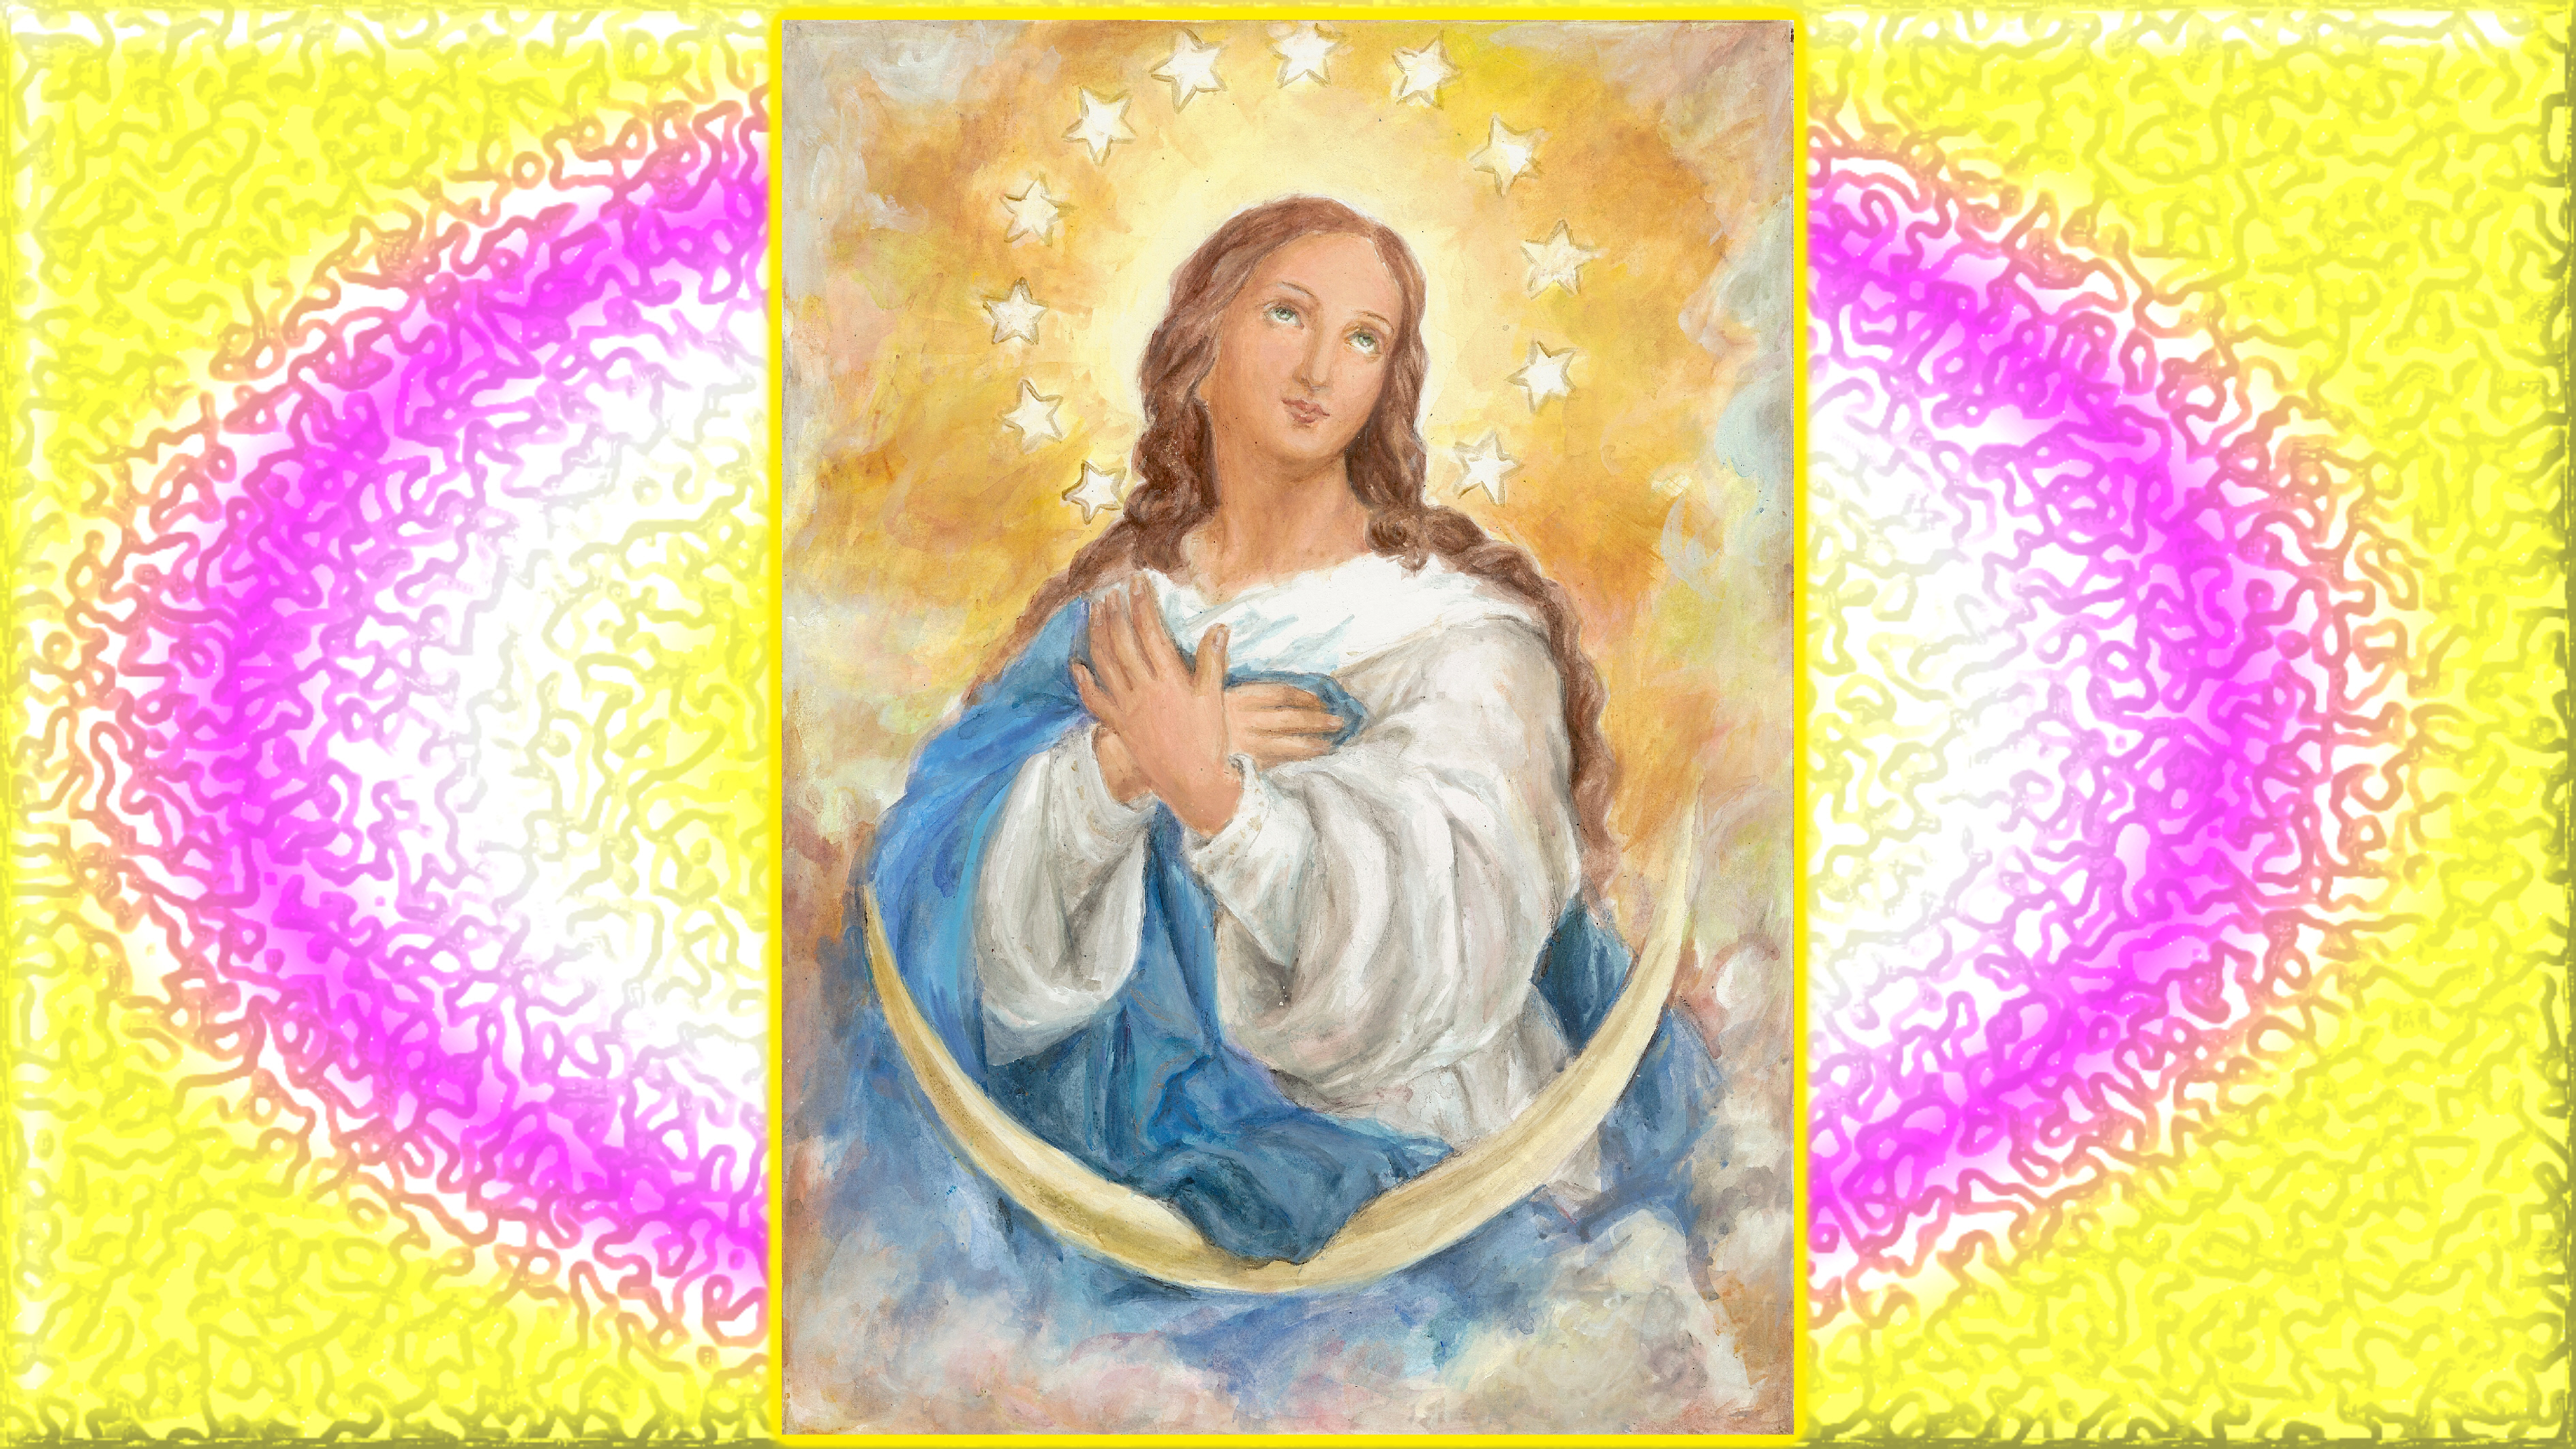 CALENDRIER CATHOLIQUE 2019 (Cantiques, Prières & Images) - Page 5 Notre-dame-de-l-assomption-5672497